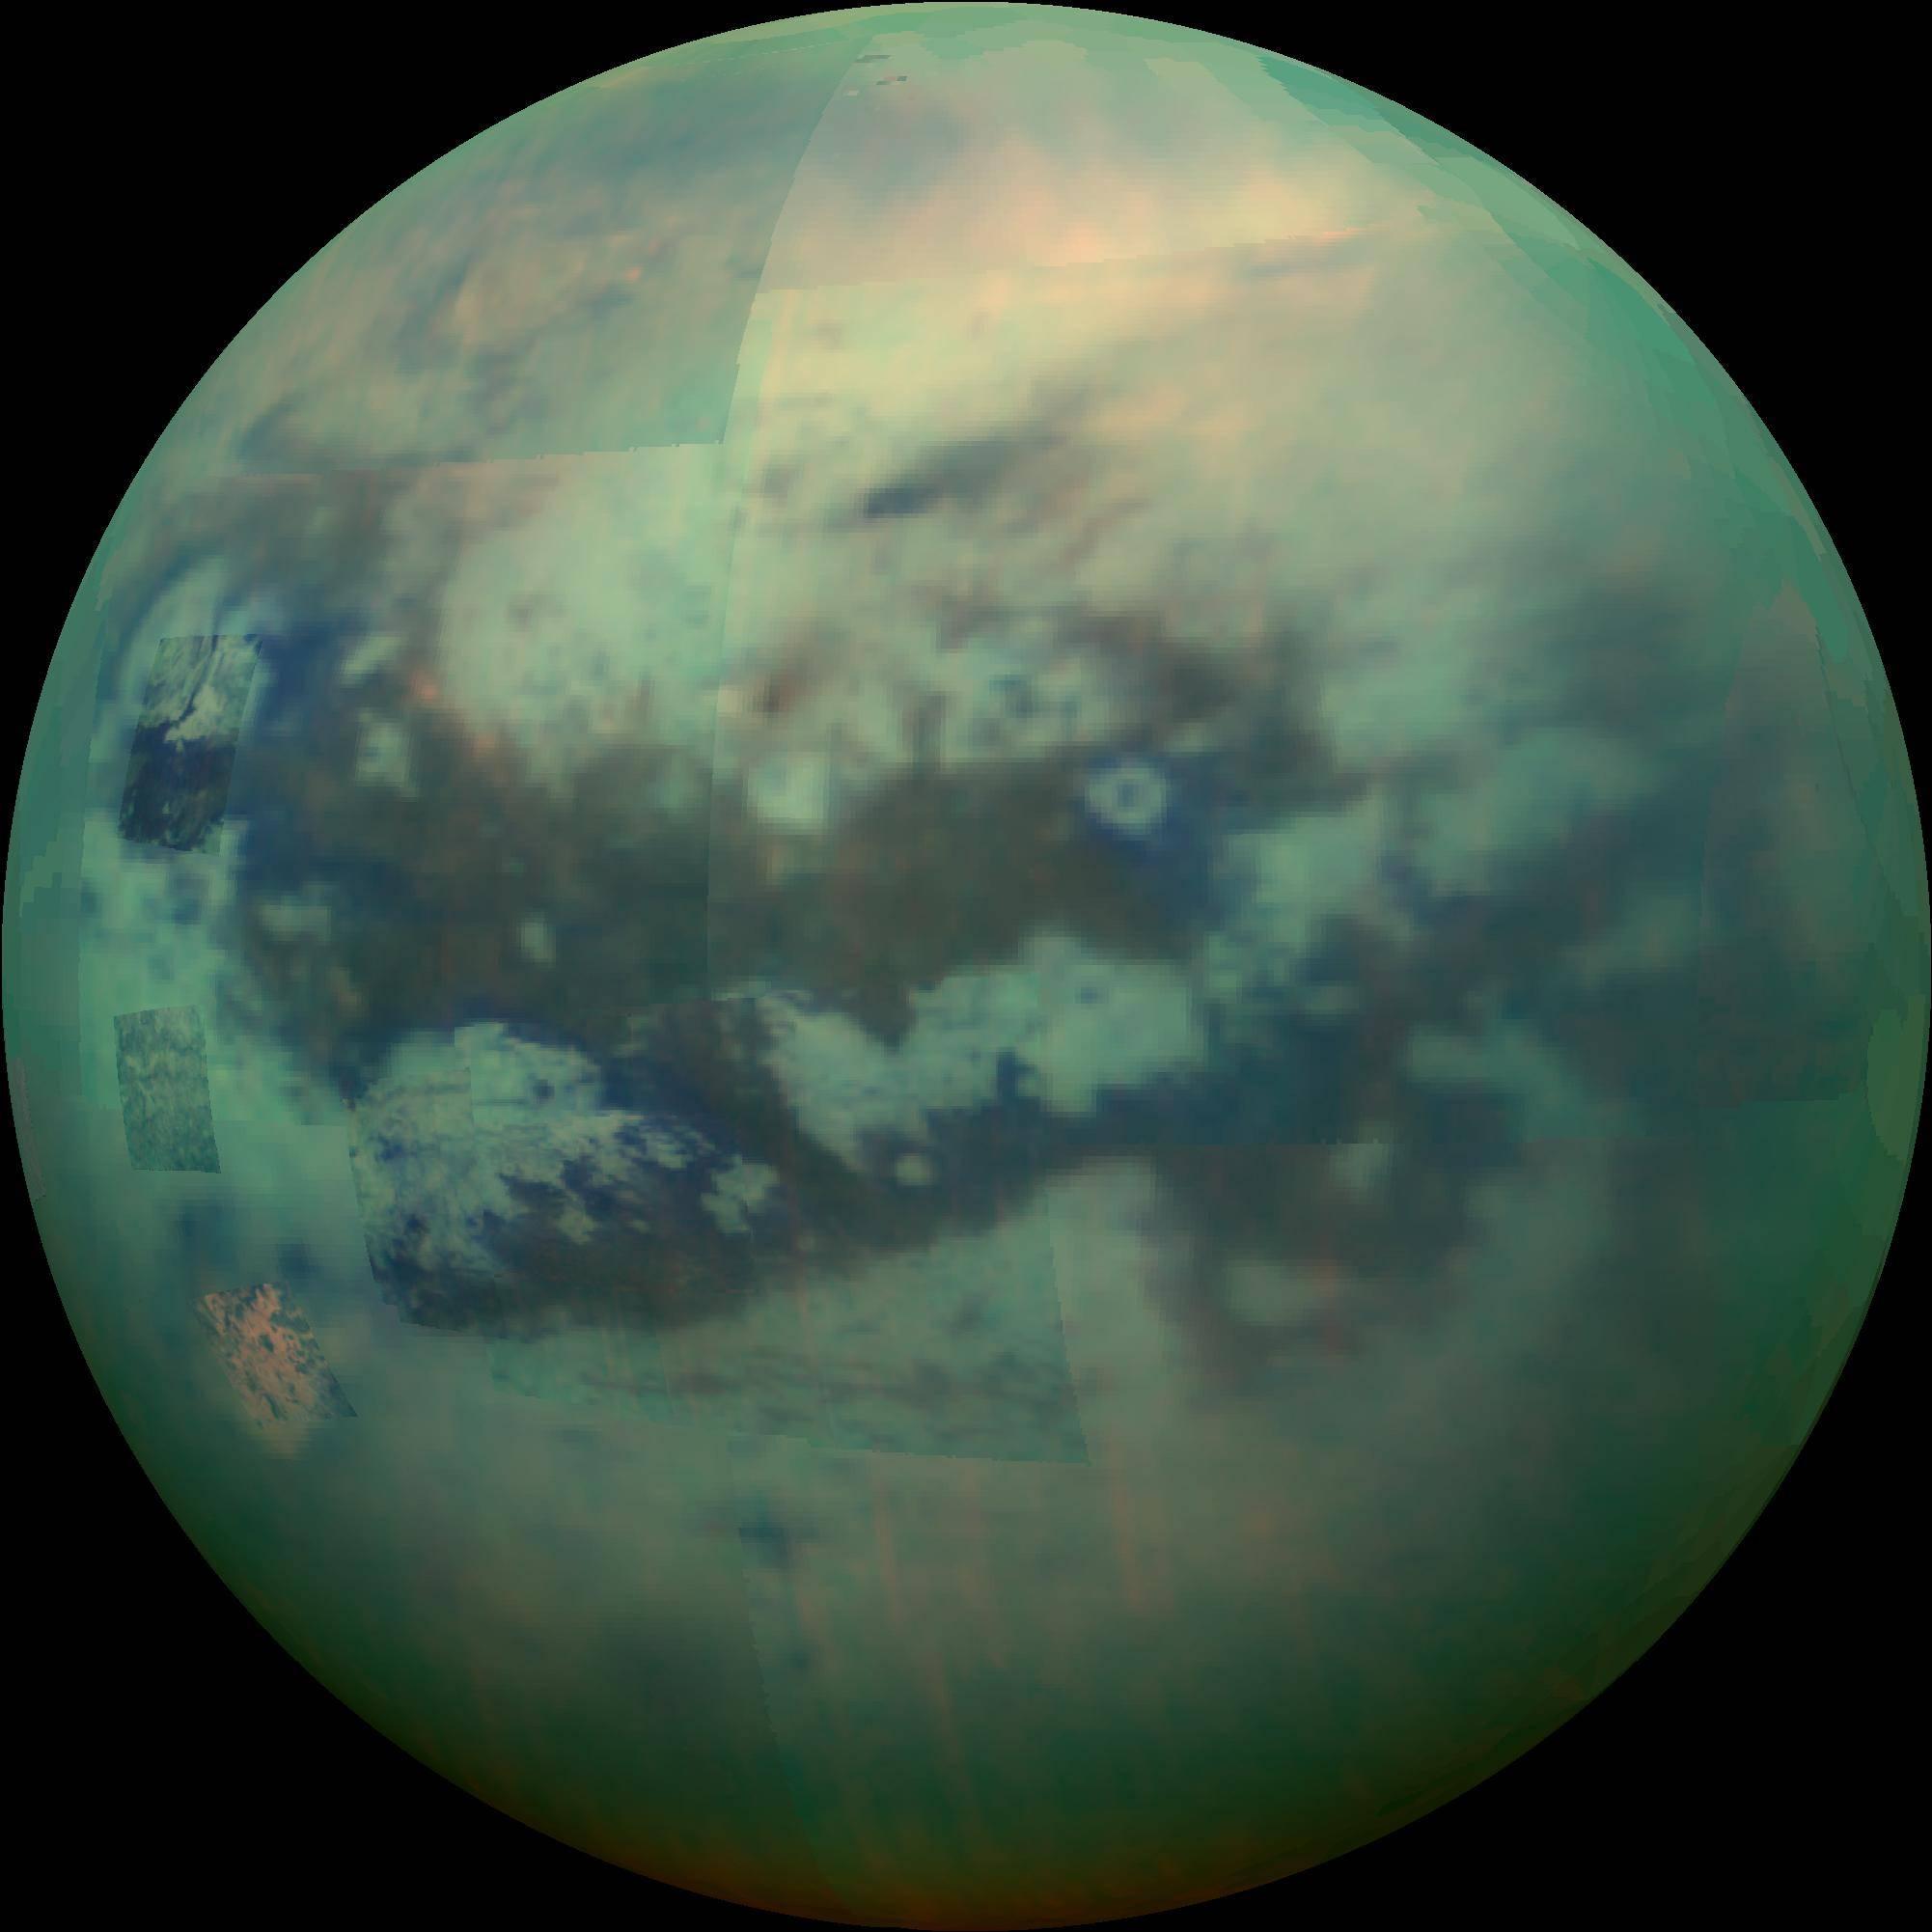 Luna de Saturno Titán podría tener lagos fantasmas y cuevas ocultas